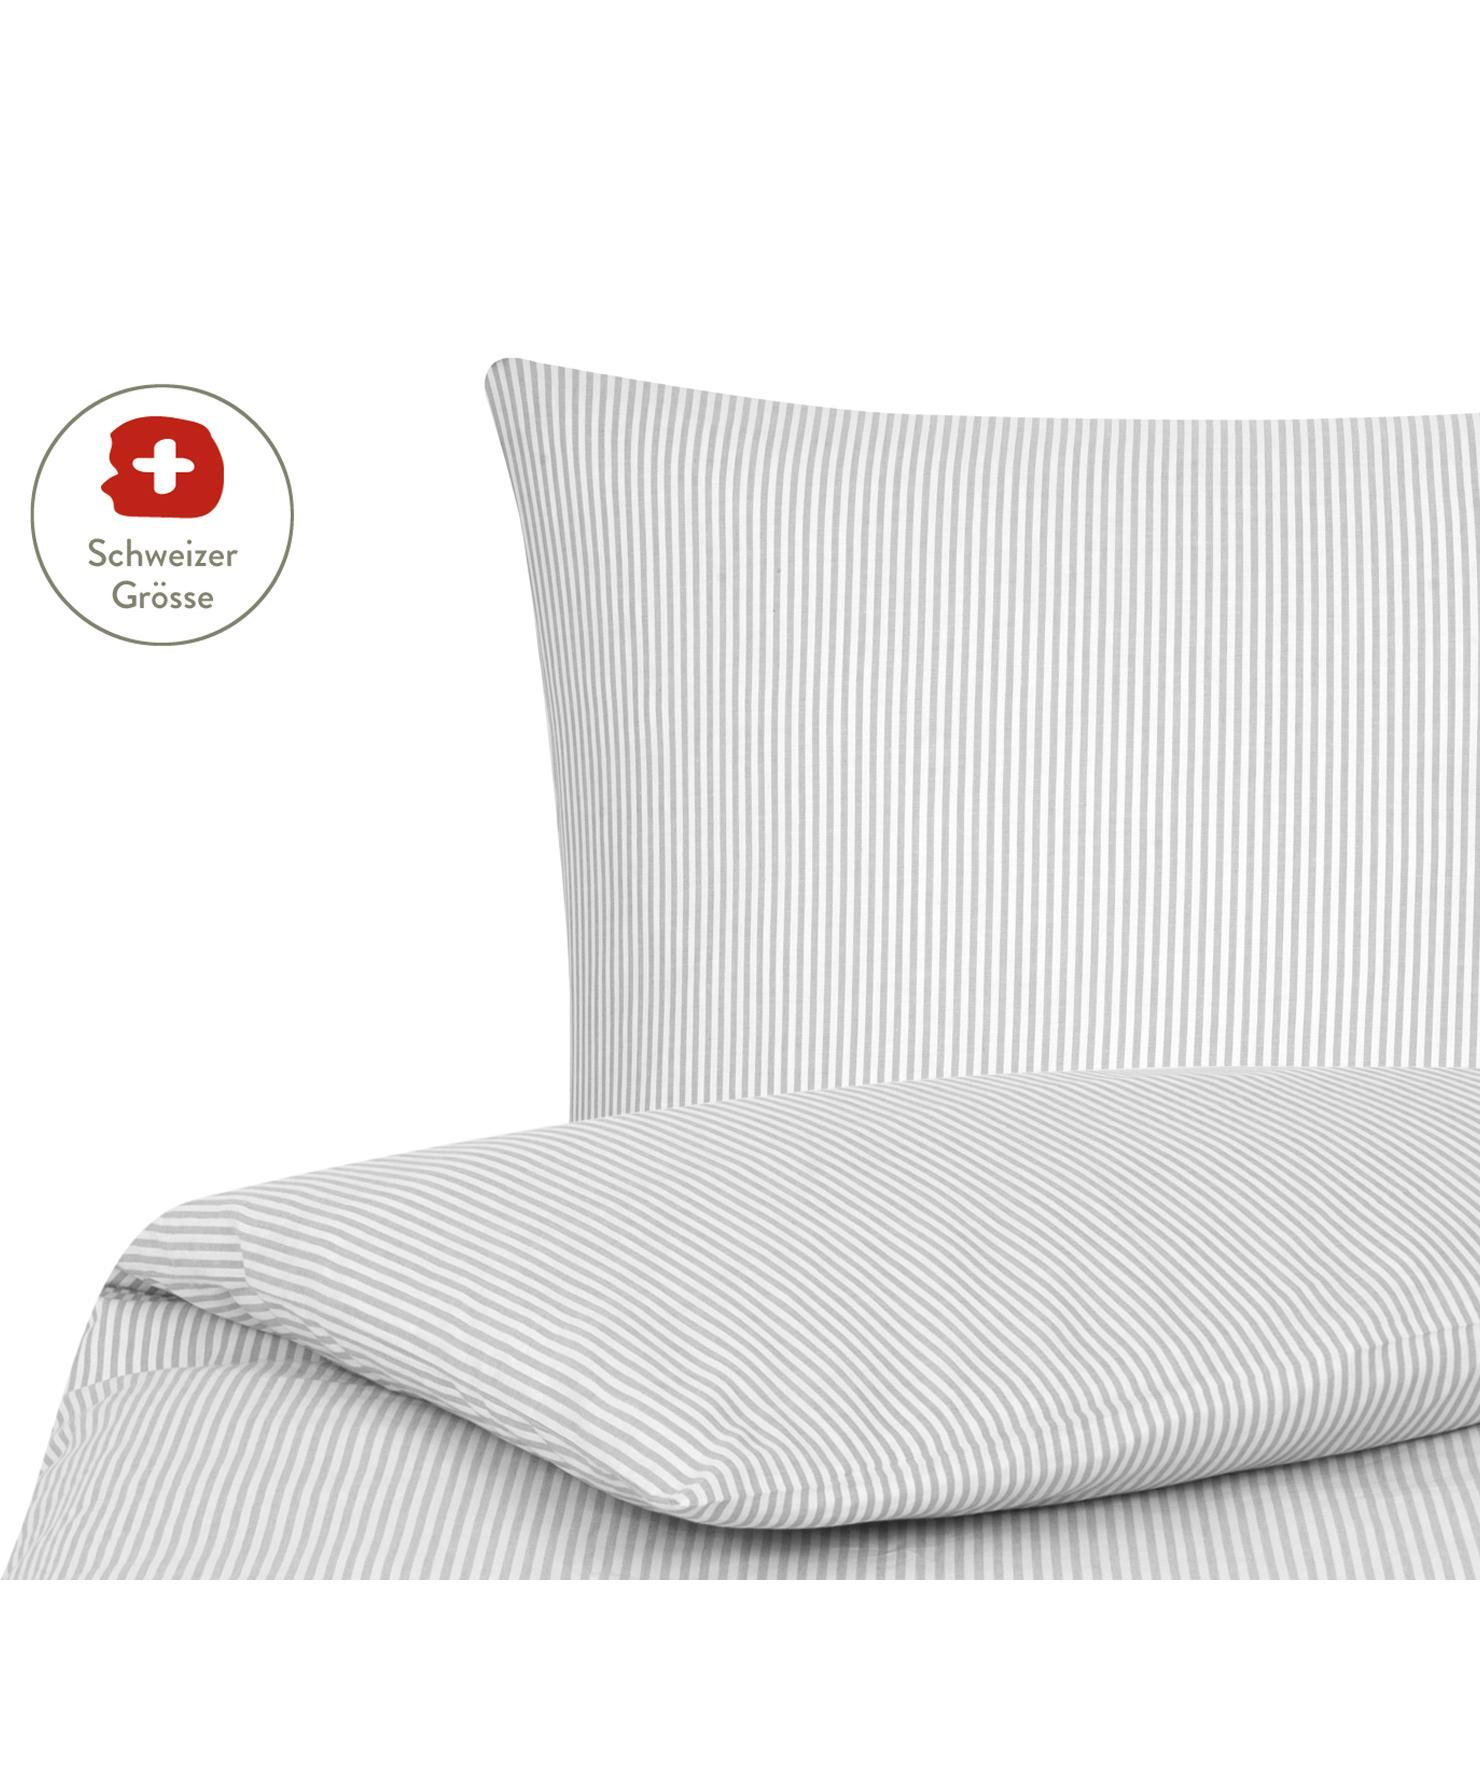 Baumwoll-Bettdeckenbezug Ellie, fein gestreift, Webart: Renforcé Fadendichte 118 , Weiss, Grau, 160 x 210 cm